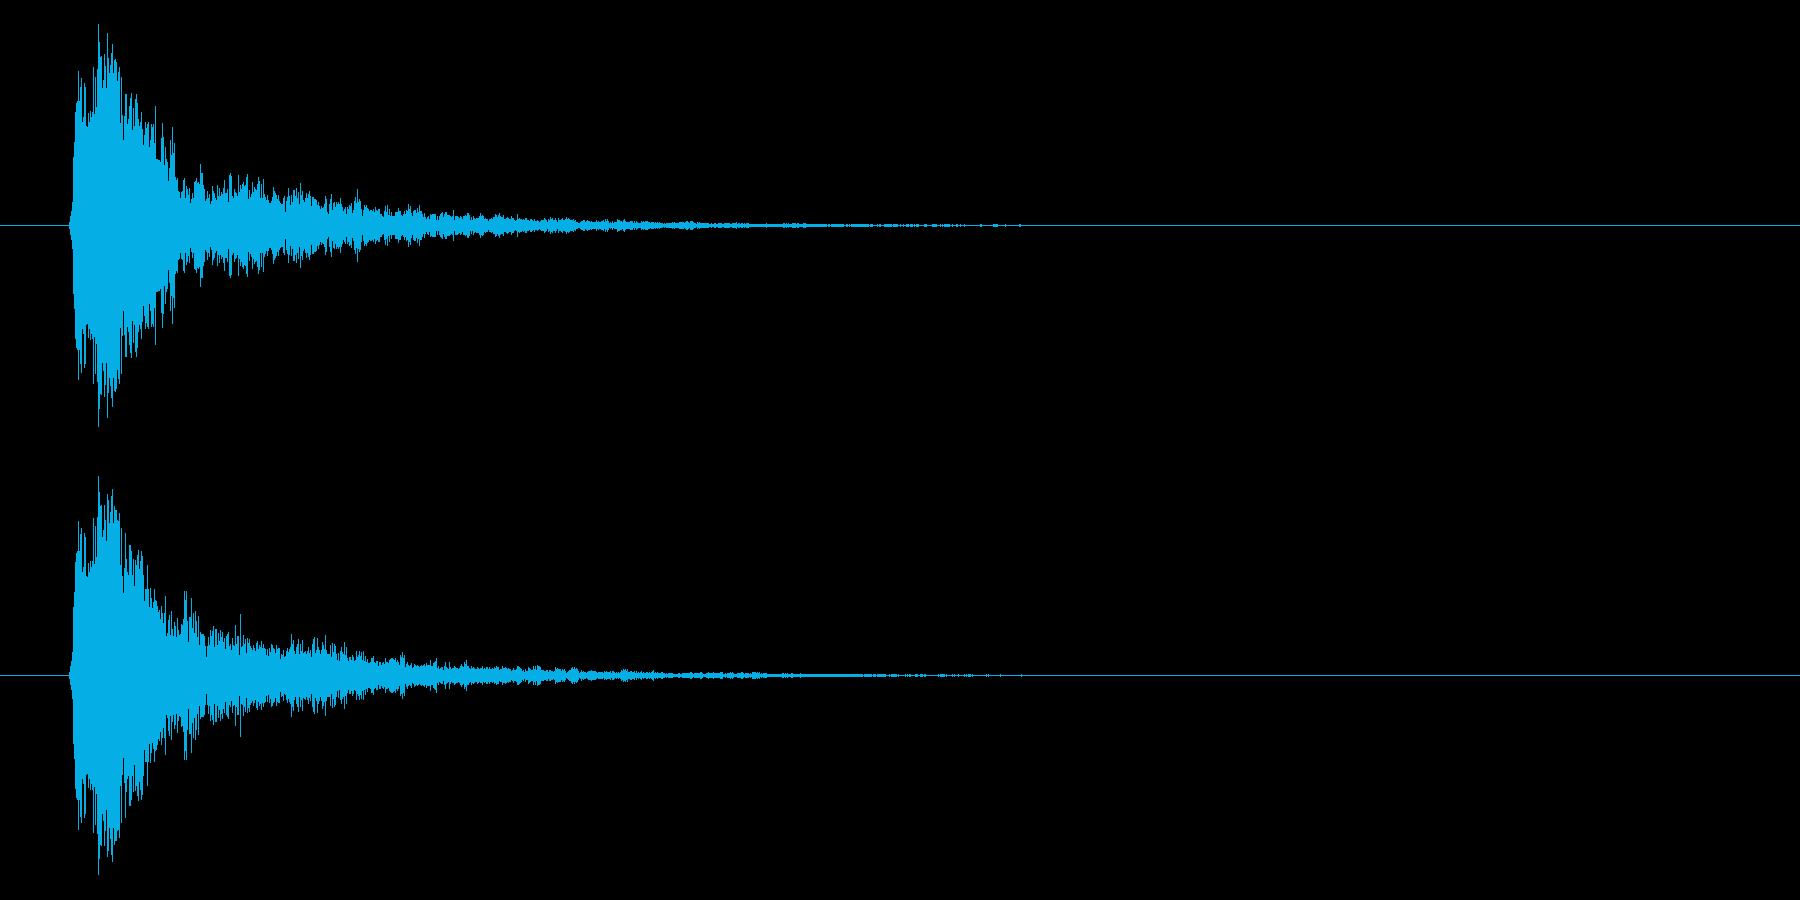 打撃06-5の再生済みの波形